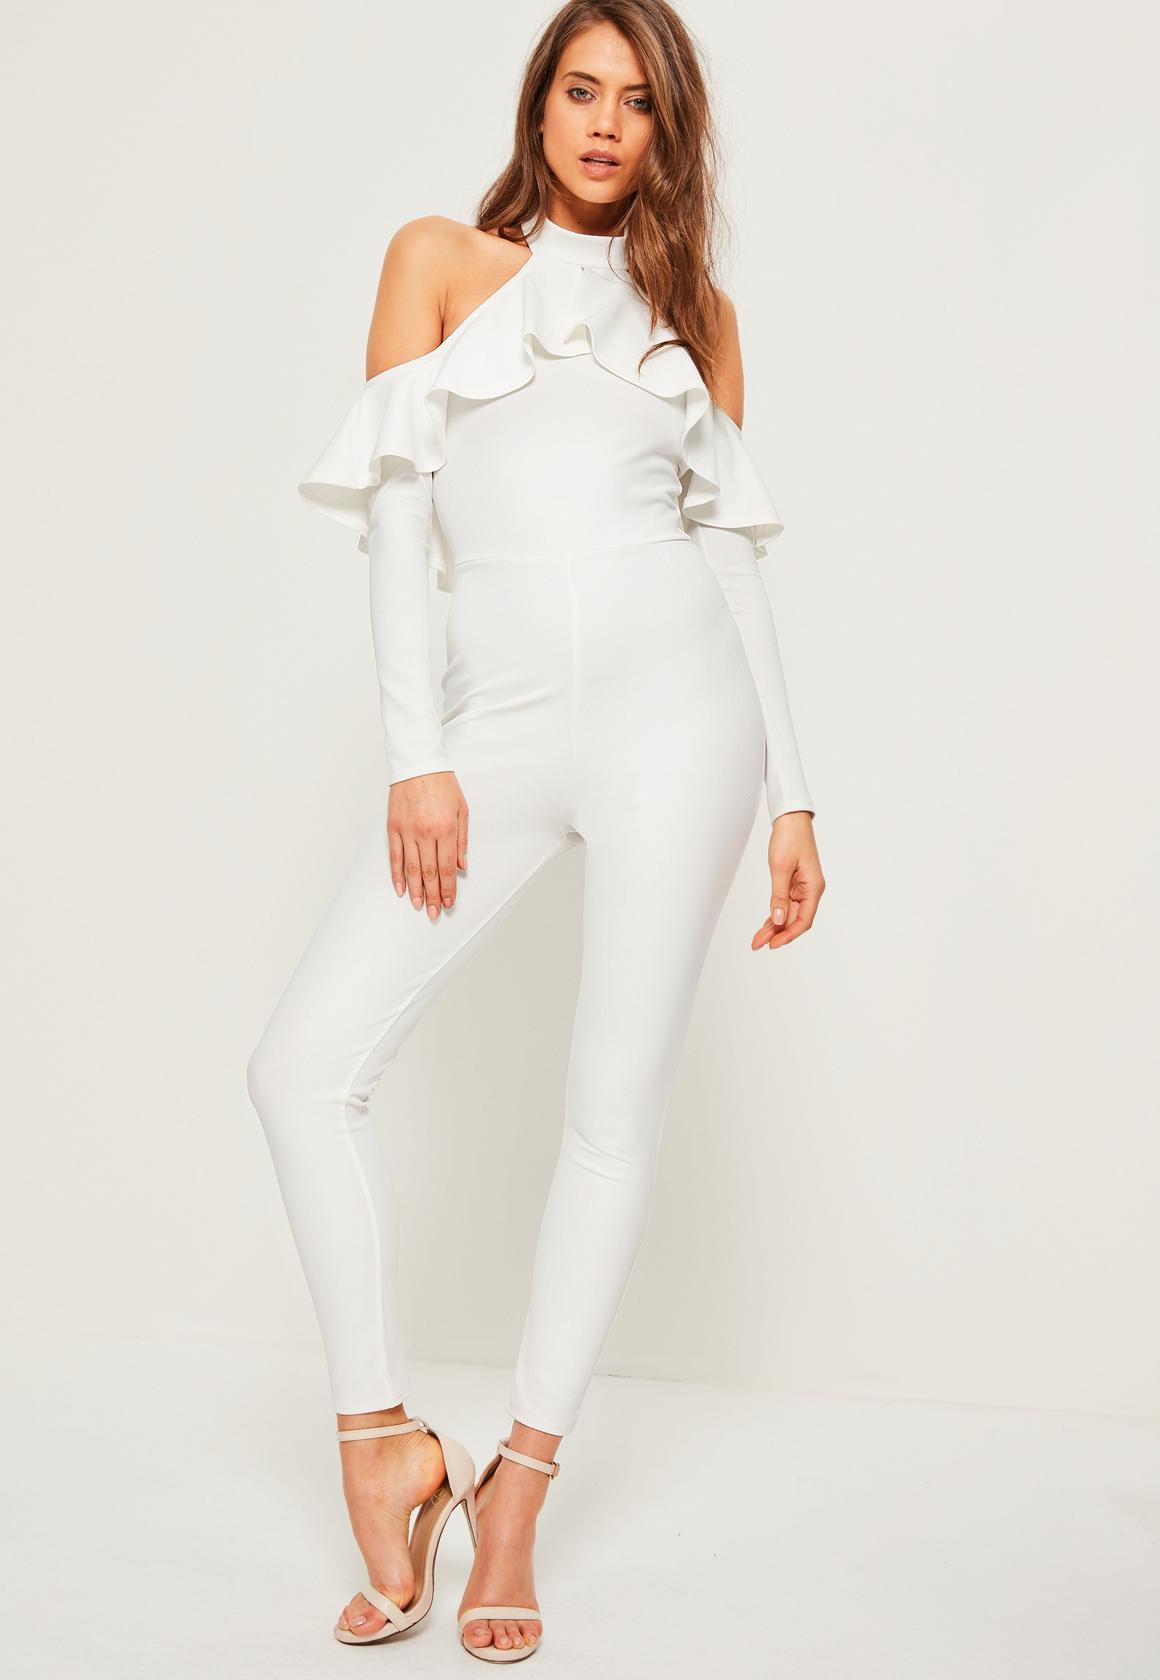 white jumpsuit white halter cold shoulder frill jumpsuit white halter cold shoulder frill  jumpsuit QQZOYWX